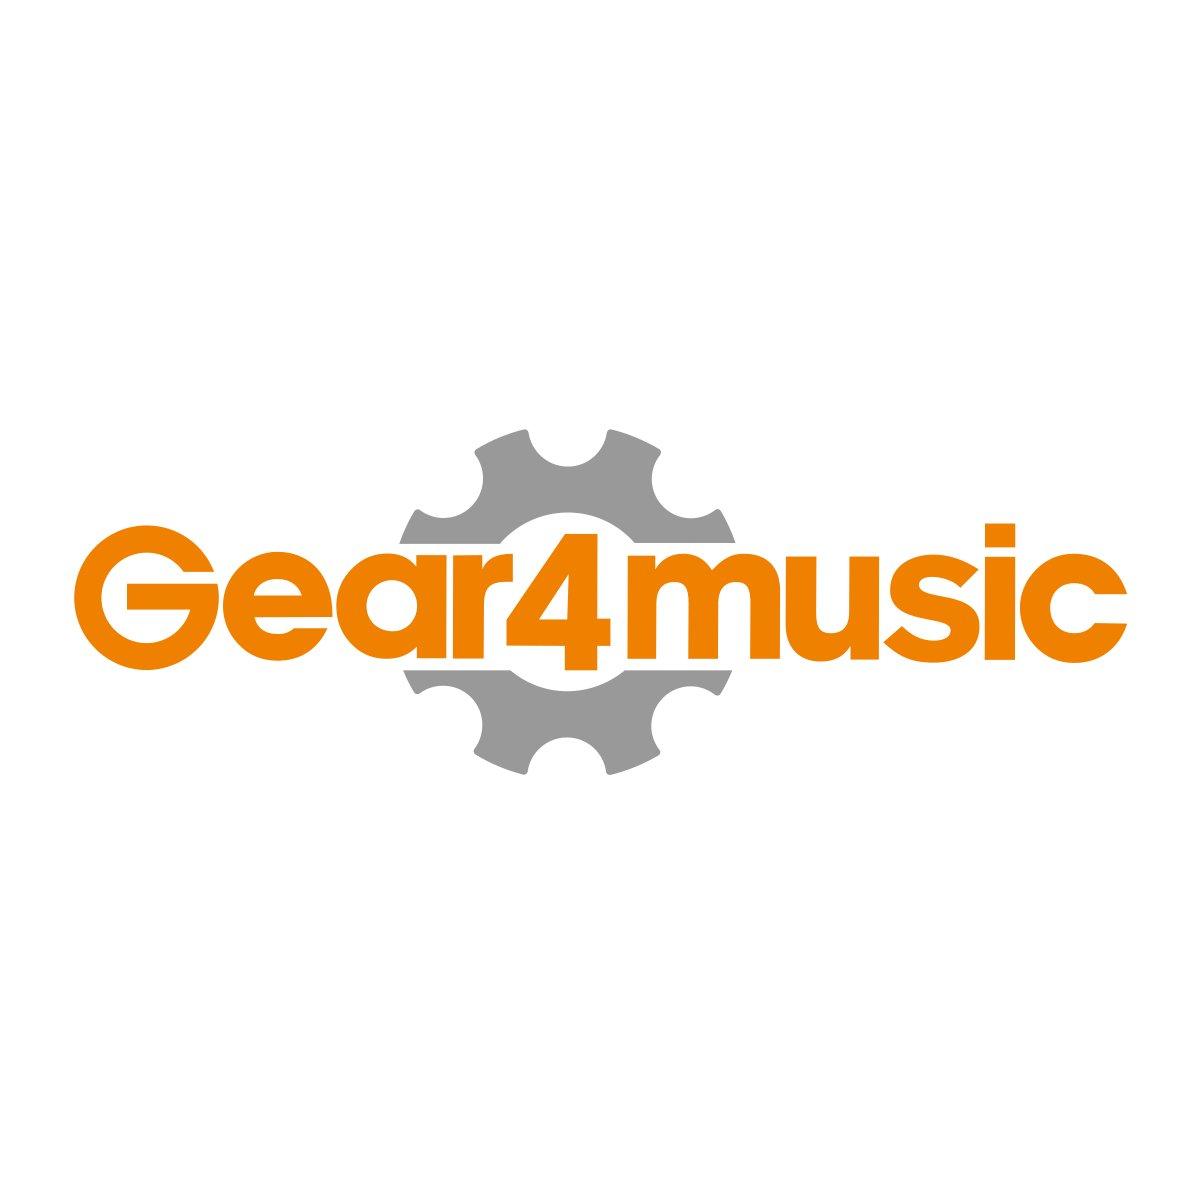 Pack de Ukulele concerto Deluxe Electro acústica  Gear4music